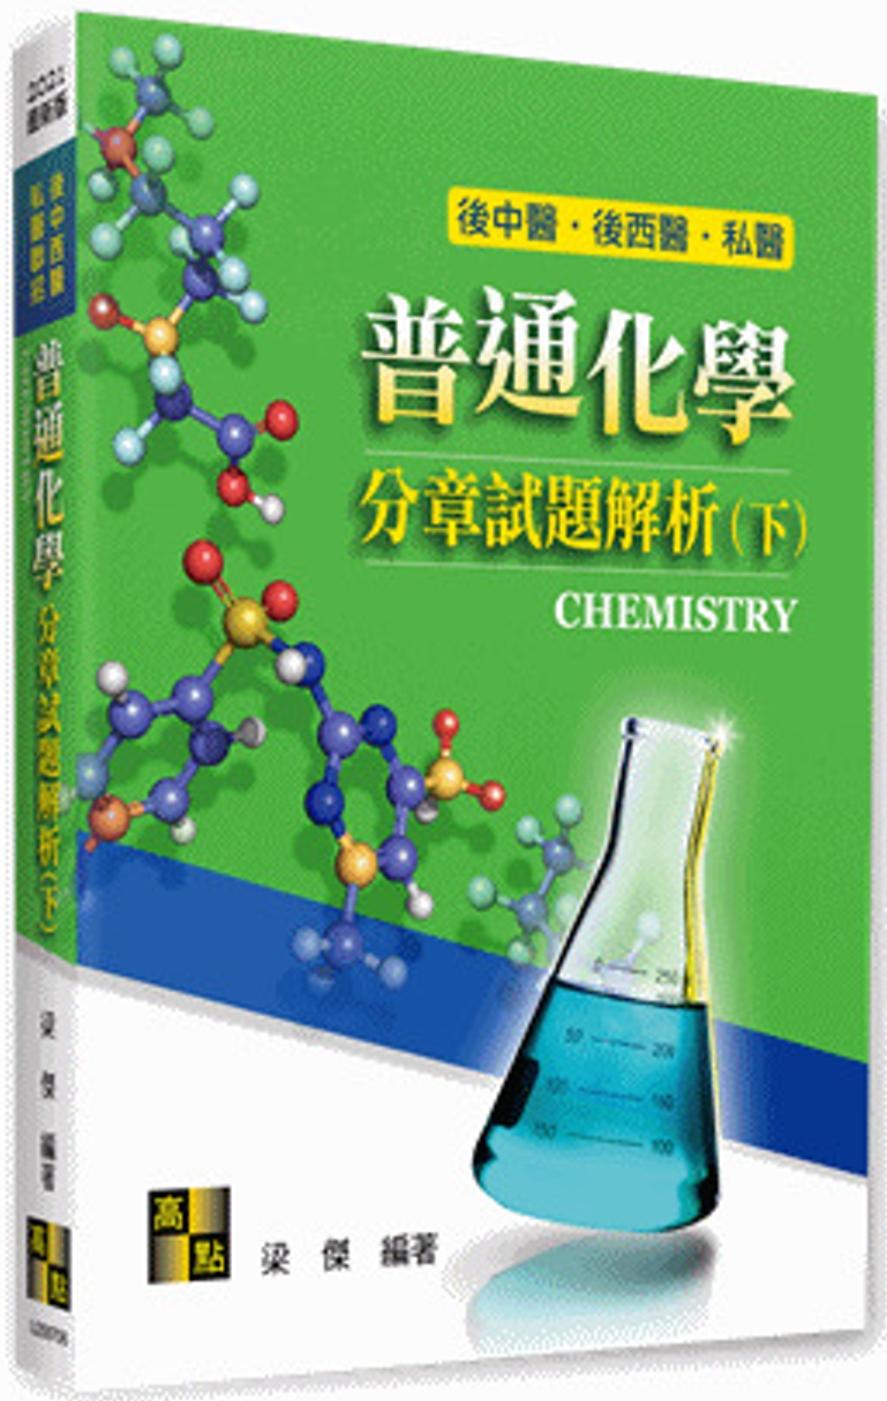 ◤博客來BOOKS◢ 暢銷書榜《推薦》普通化學分章試題解析(下)